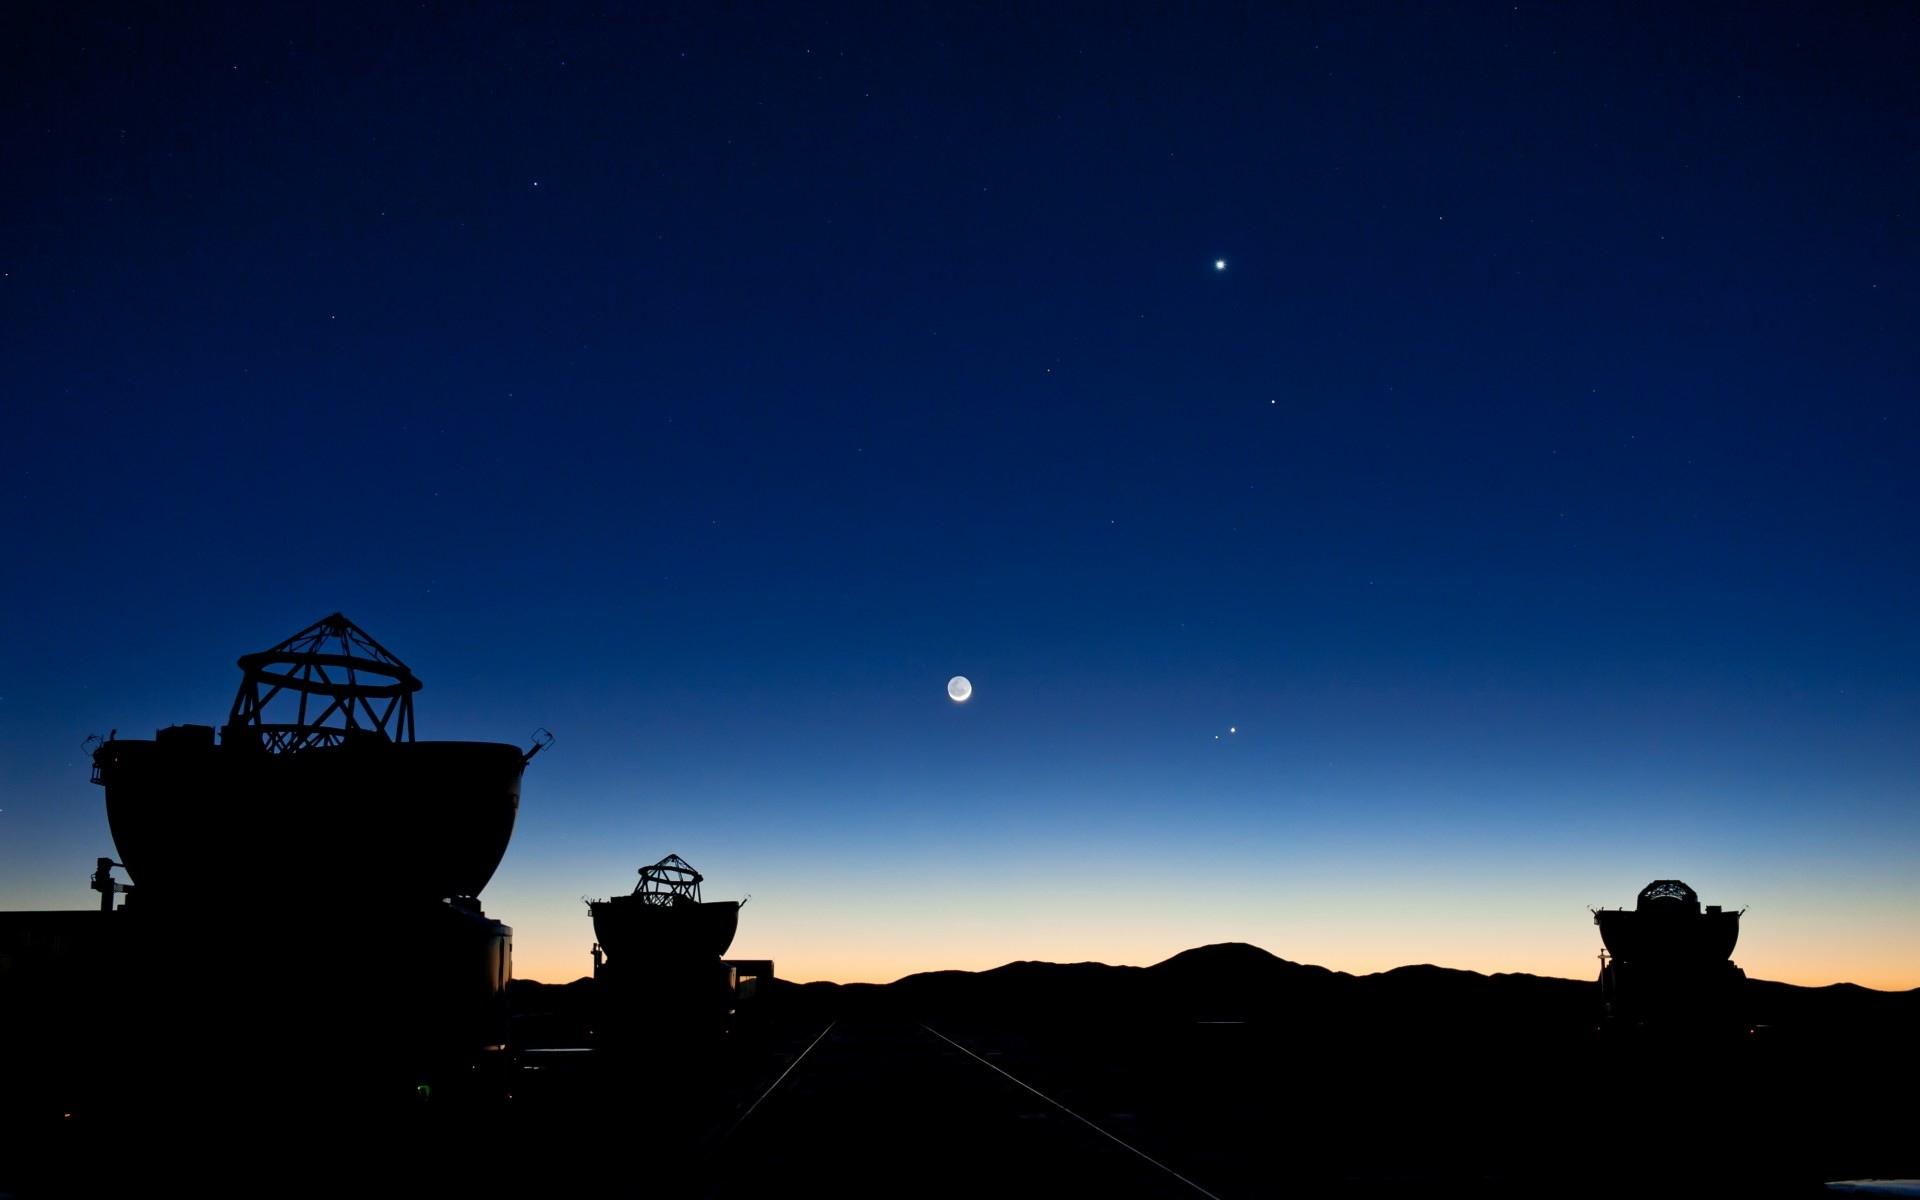 Полное лунное затмение и противостояние Марса 27 июля 2018: когда начнется, где смотреть